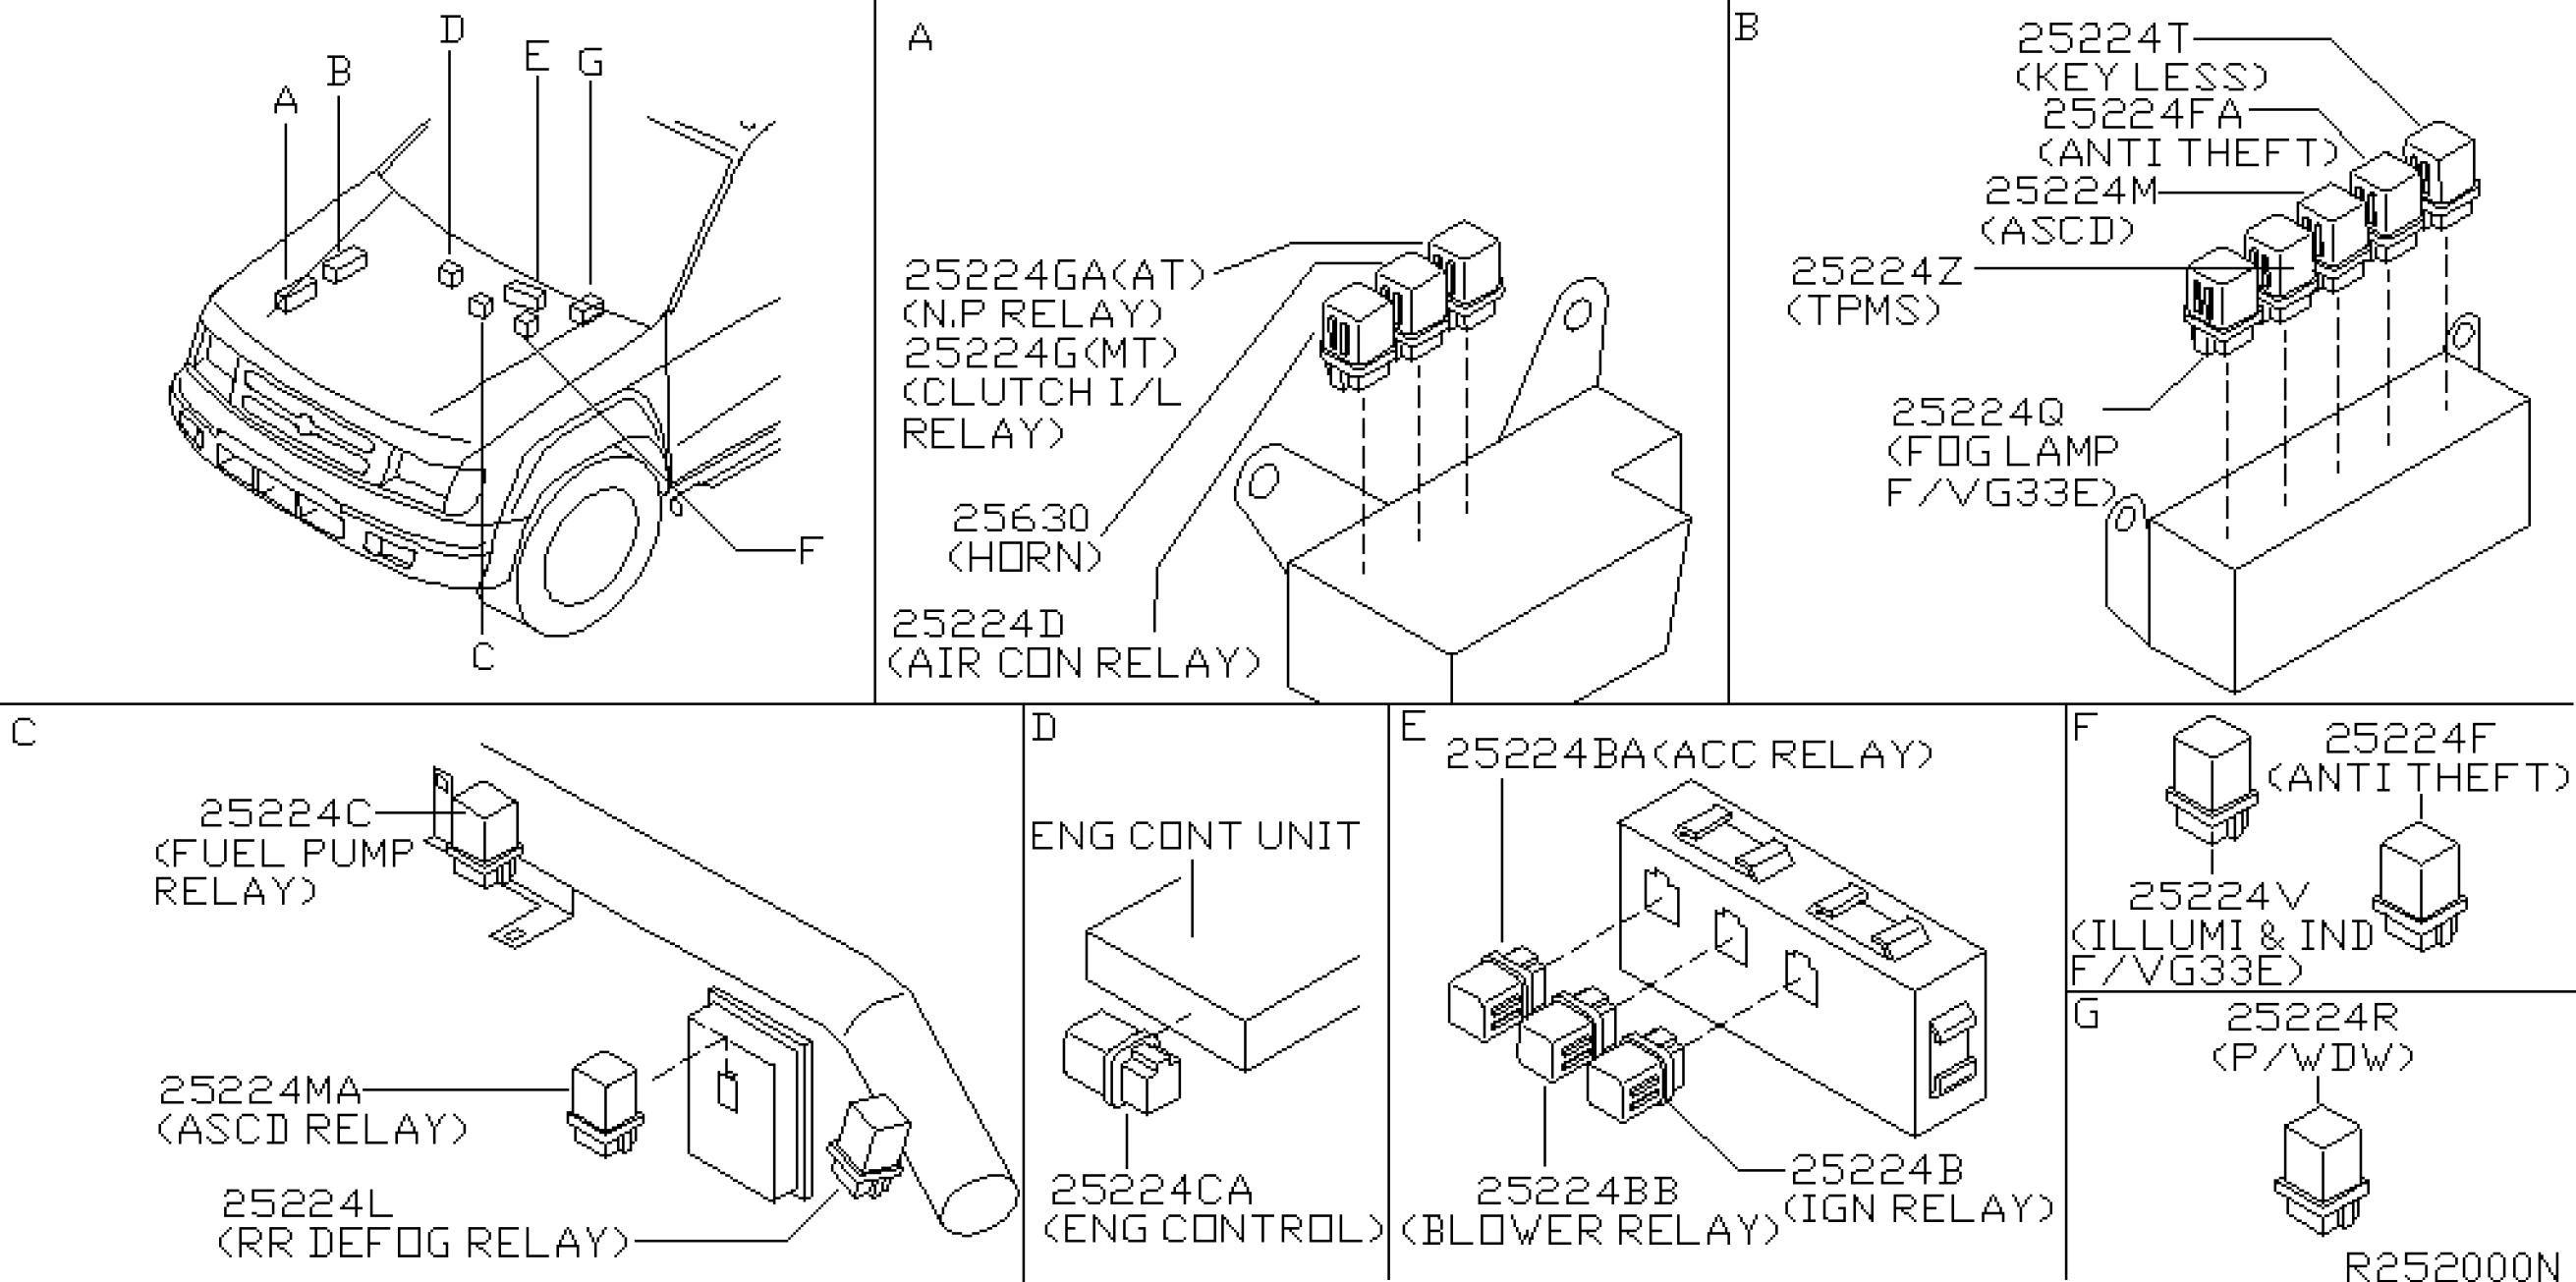 Nissan Xterra Engine Diagram 2003 Nissan Xterra Oem Parts Nissan Usa Estore Of Nissan Xterra Engine Diagram